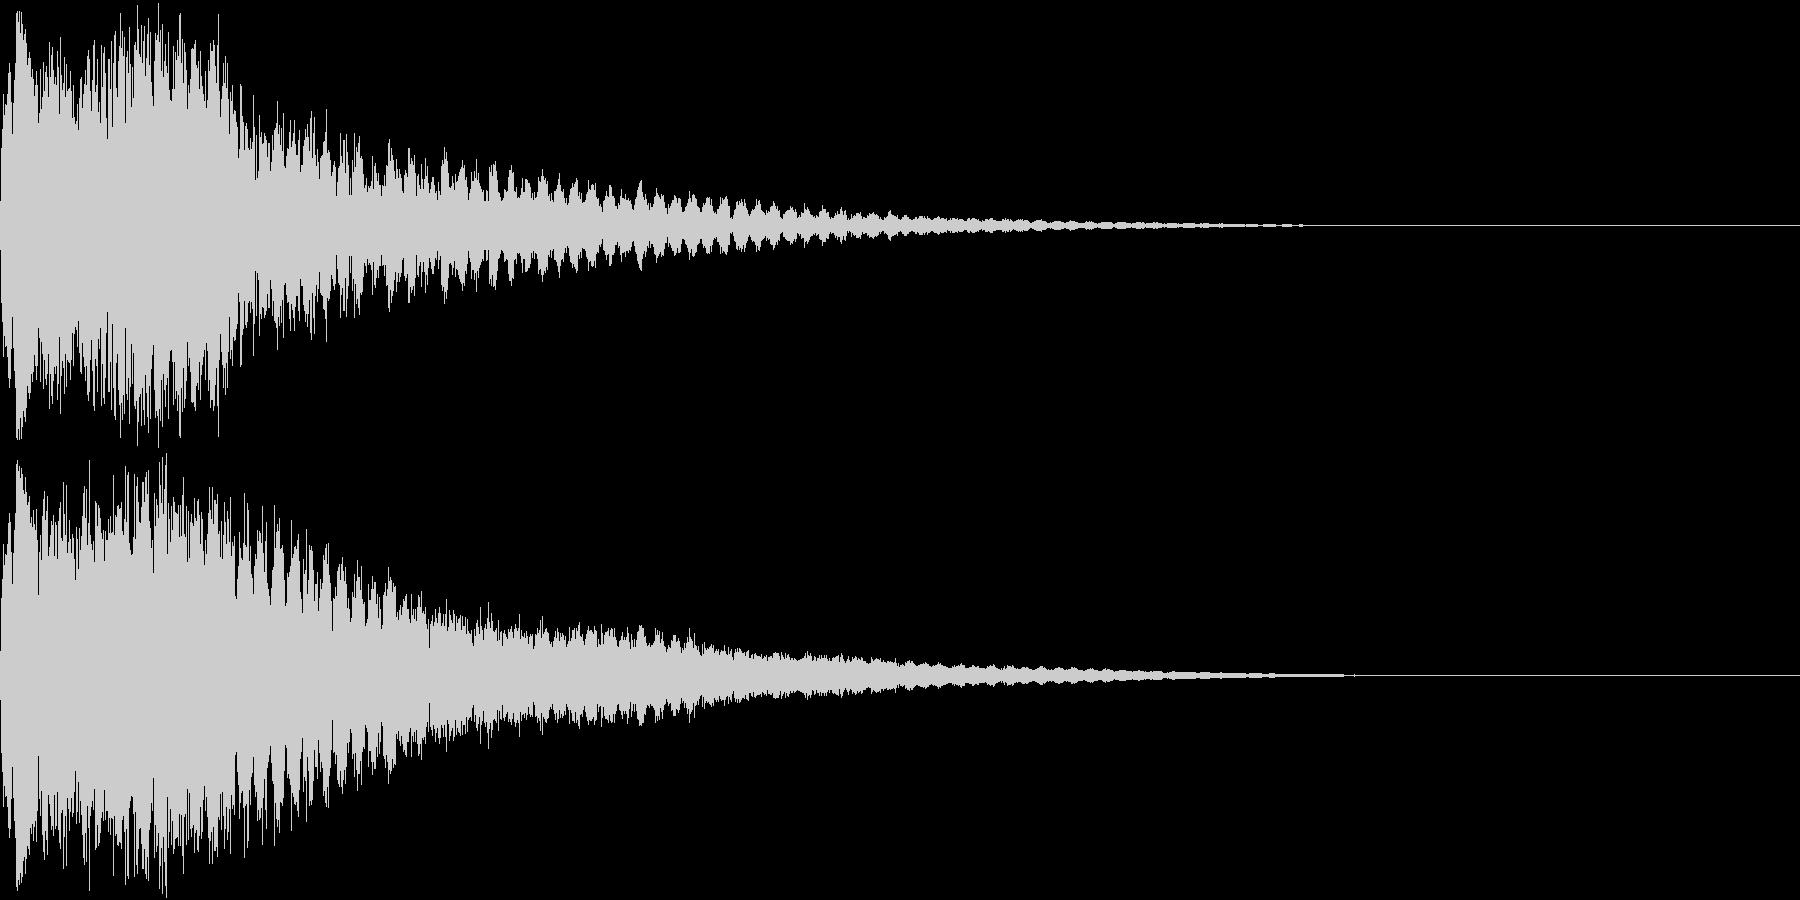 キュイン キュイーン キラリン ピカンの未再生の波形